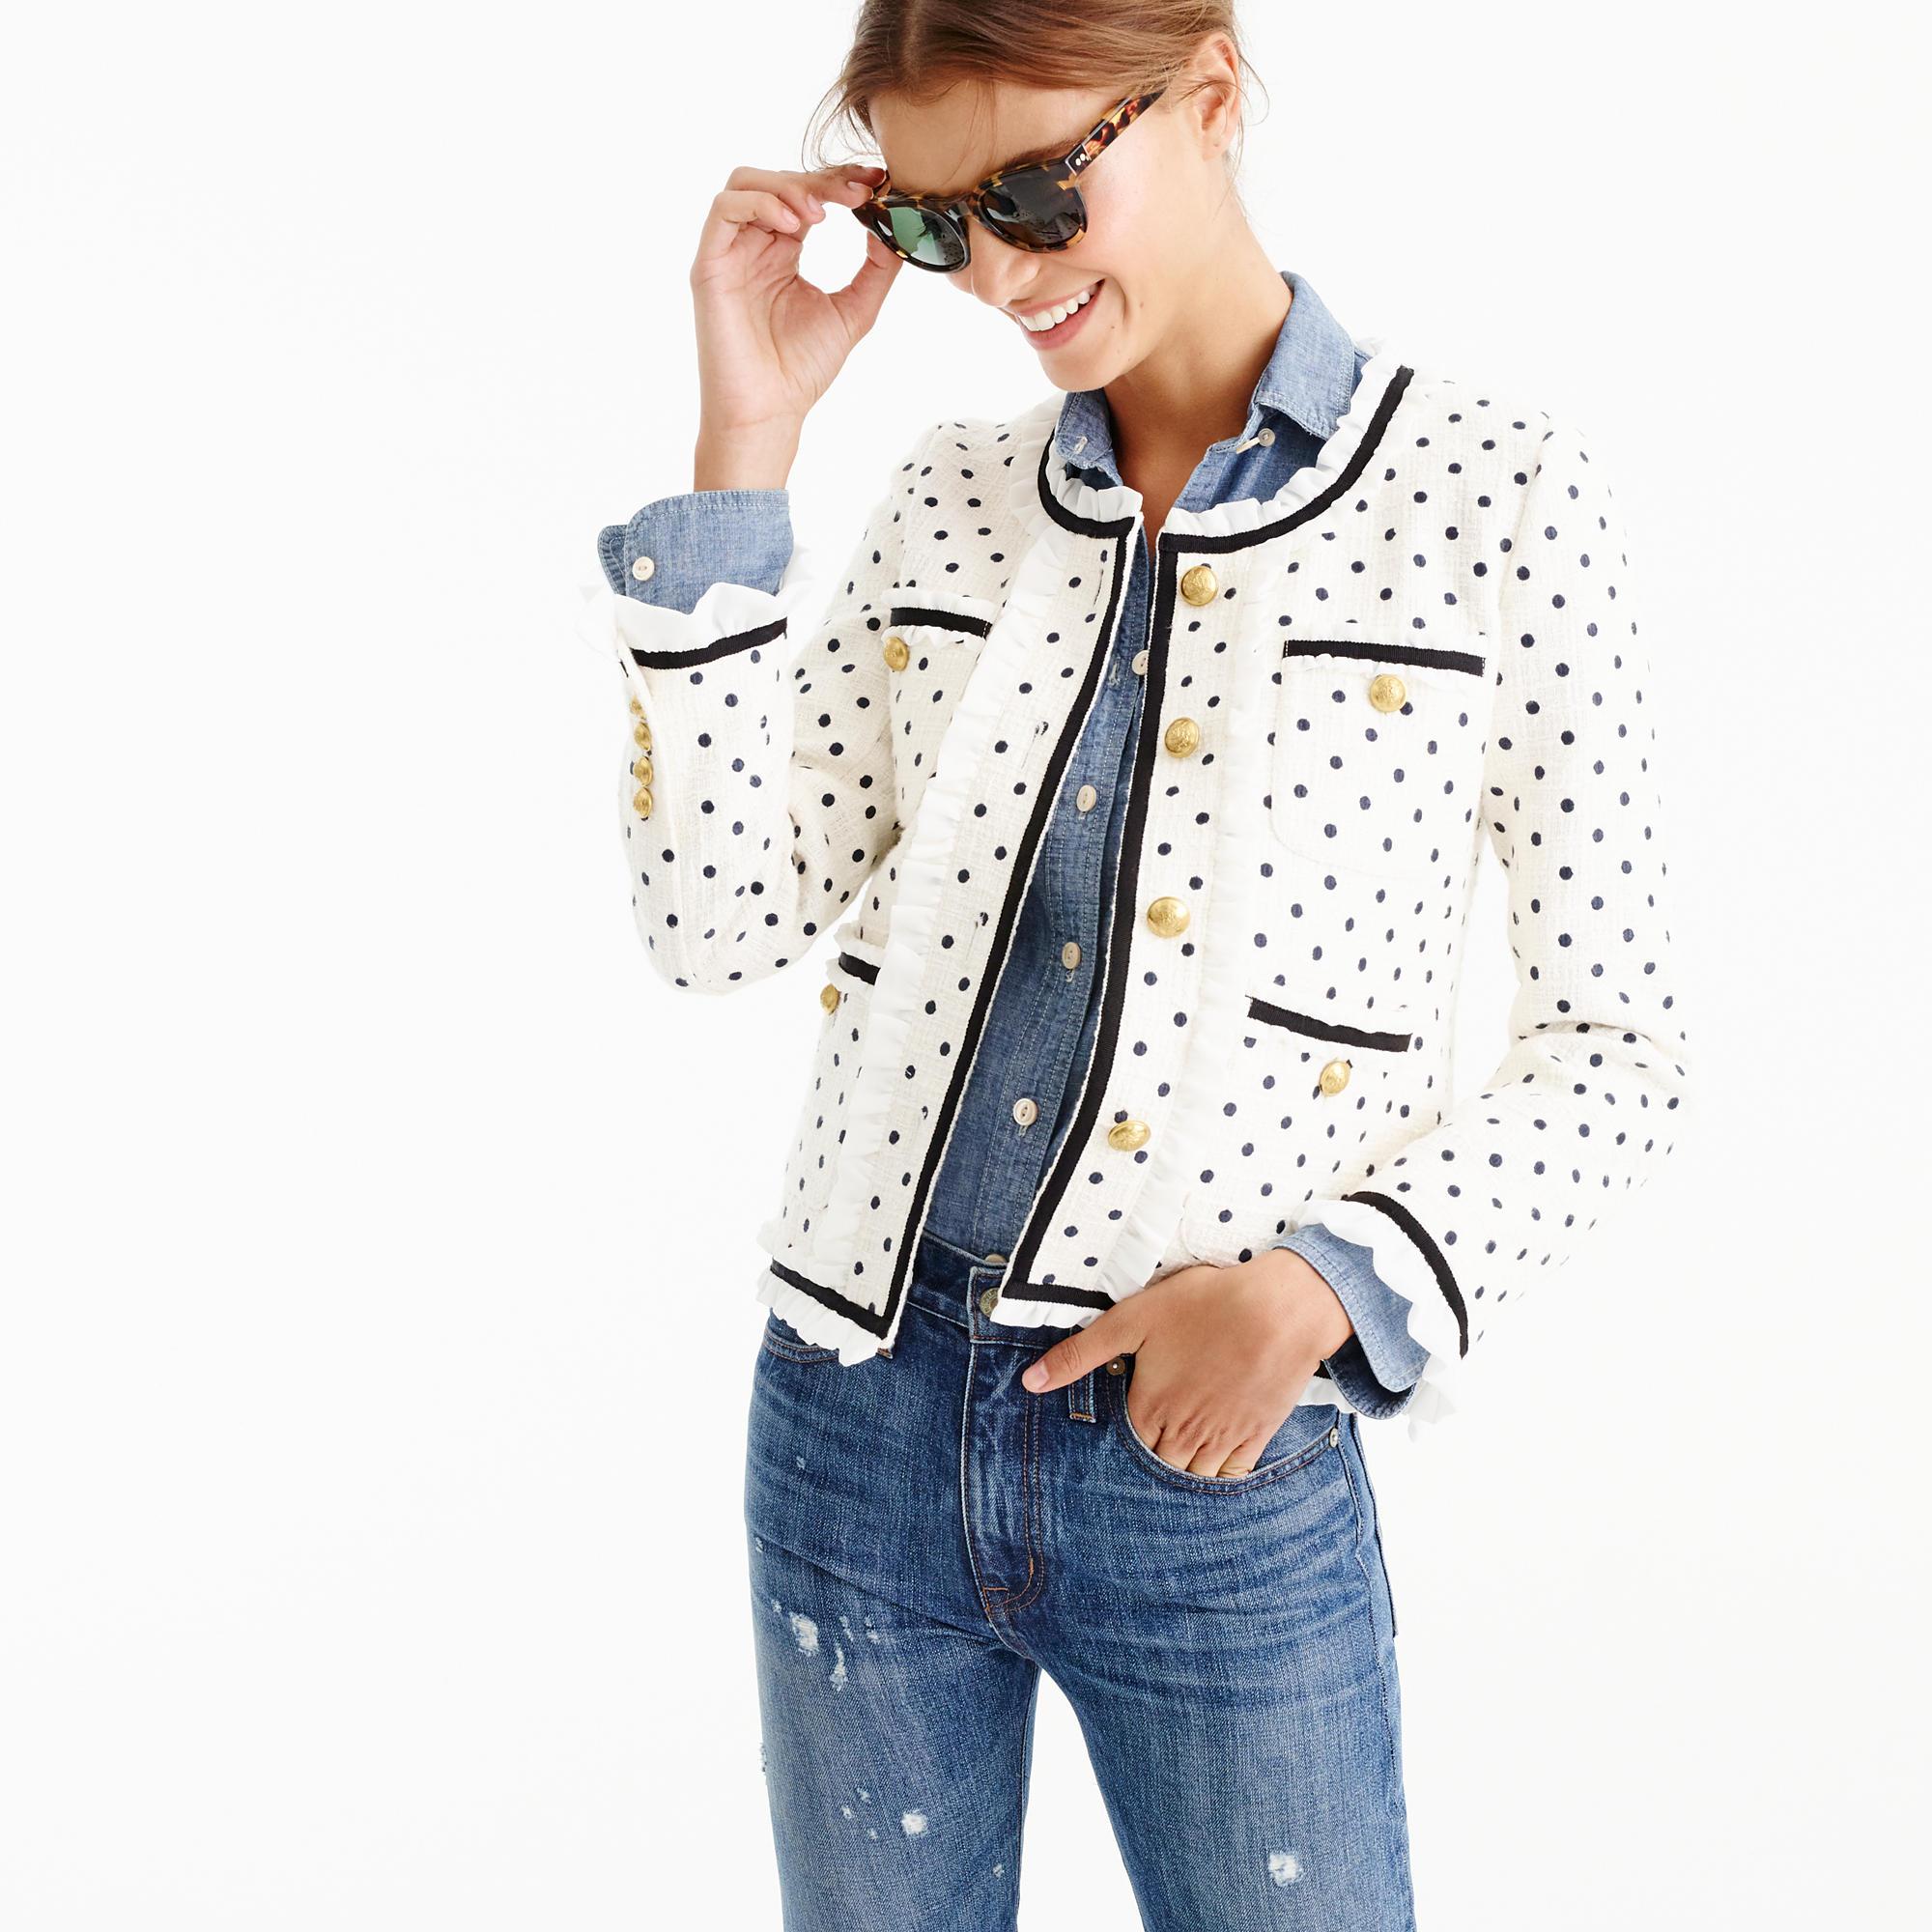 jcrew-blazer_white-blazer-with-polka-dots